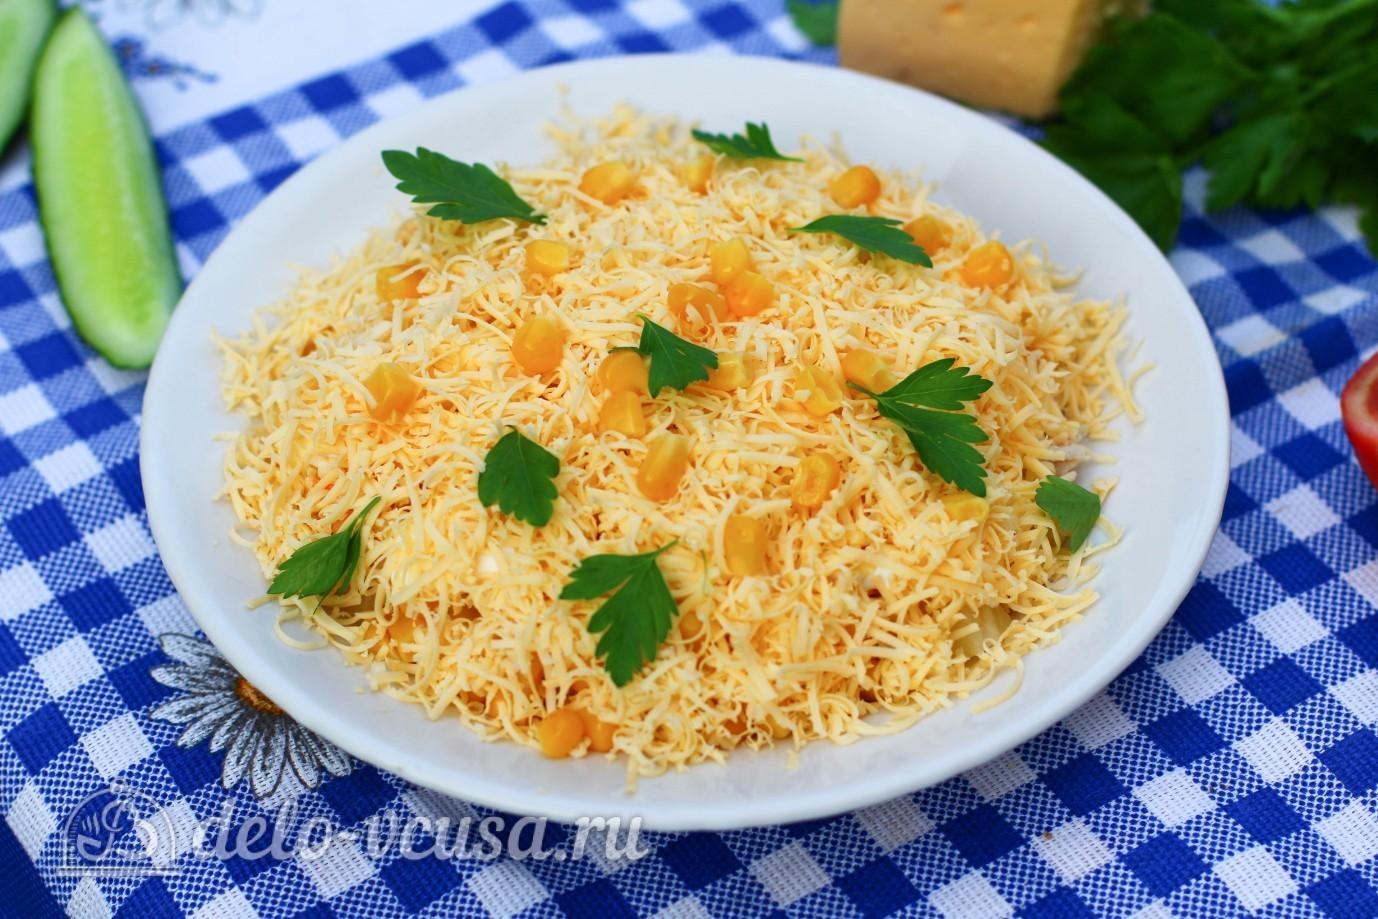 Рецепт салата с ананасом ветчиной и чесноком